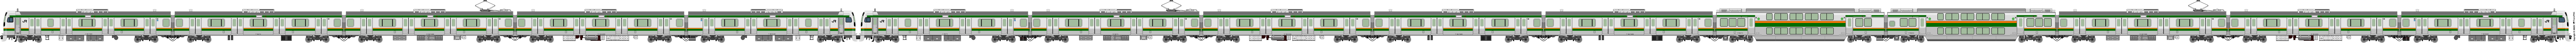 [5011] 東日本旅客鉄道 5011